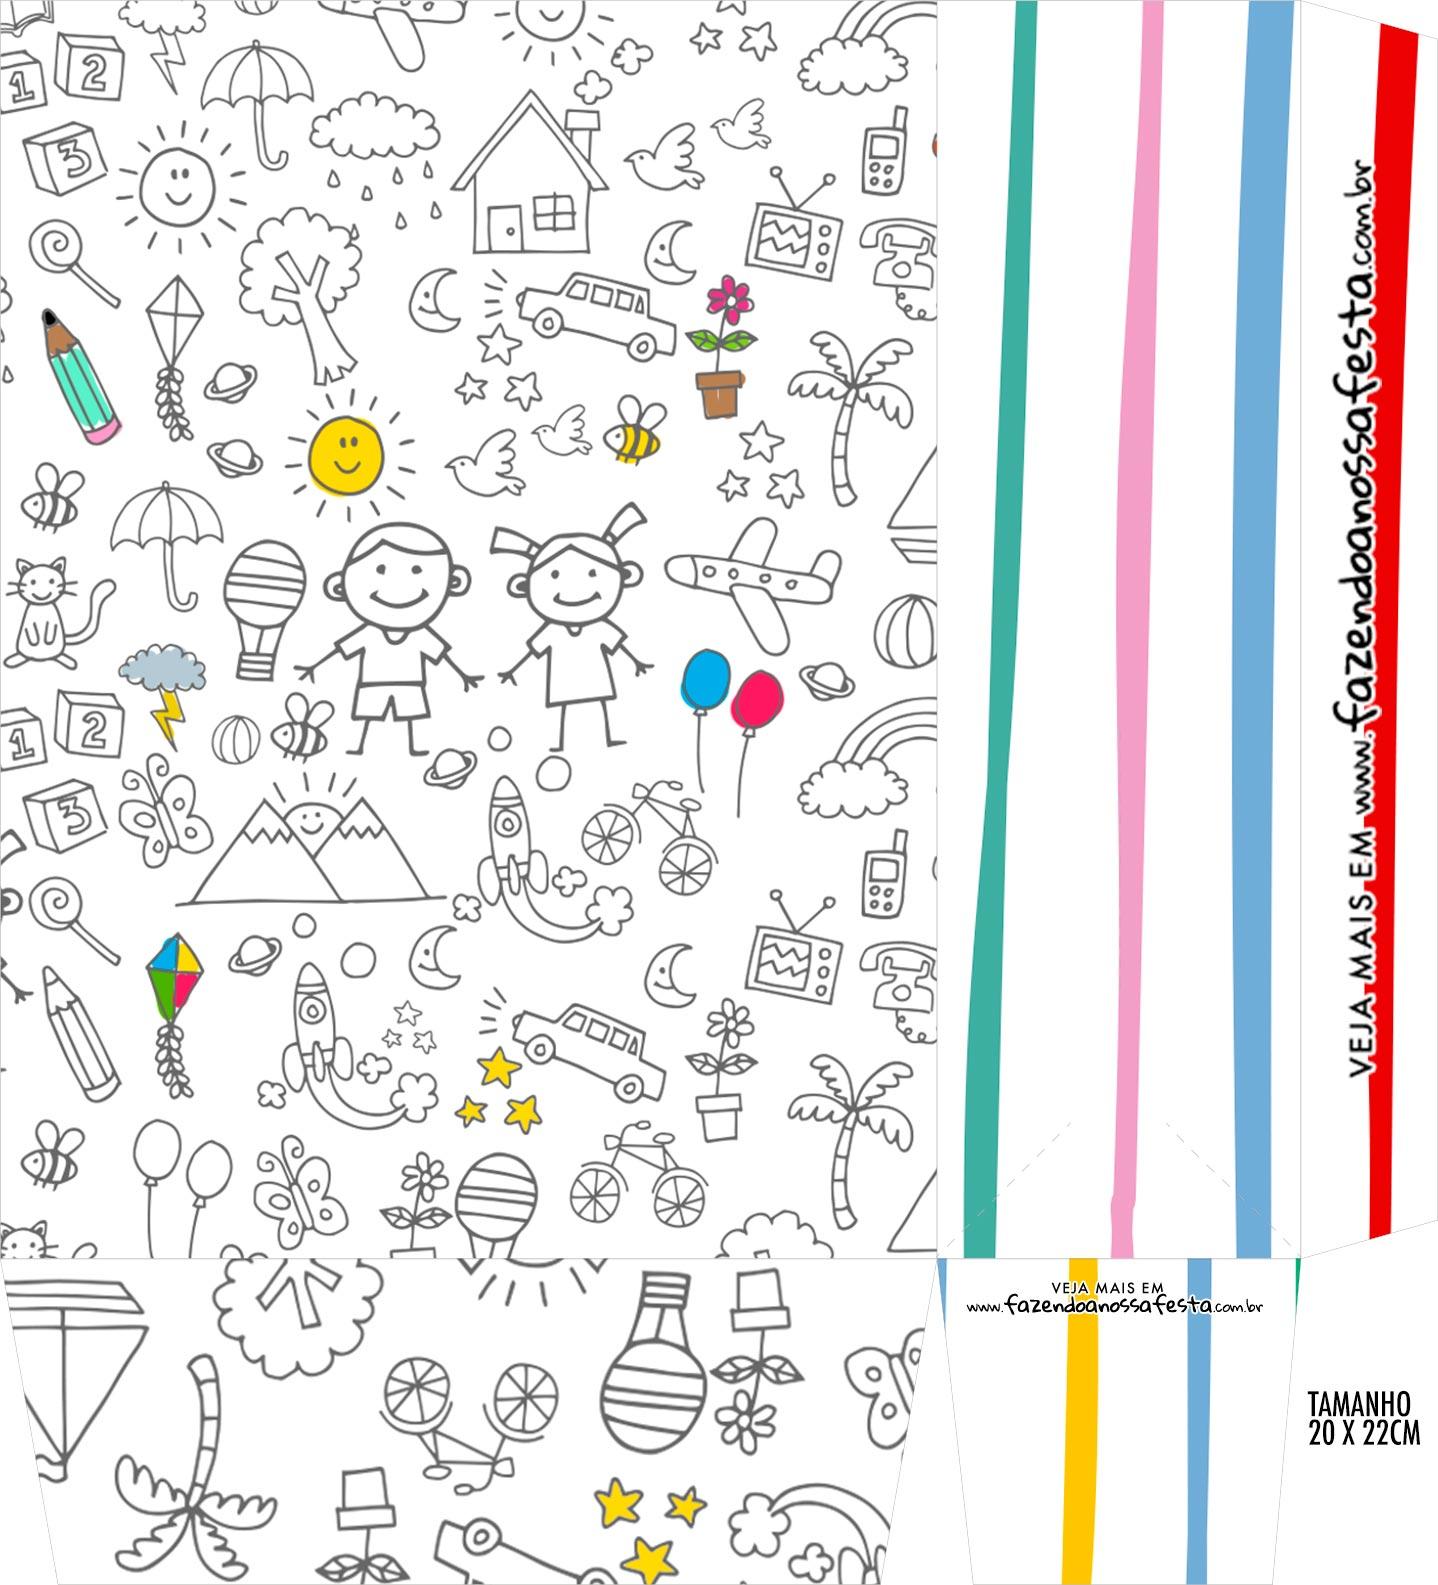 Sacolinha Supresa Kit Dia das Criancas para colorir